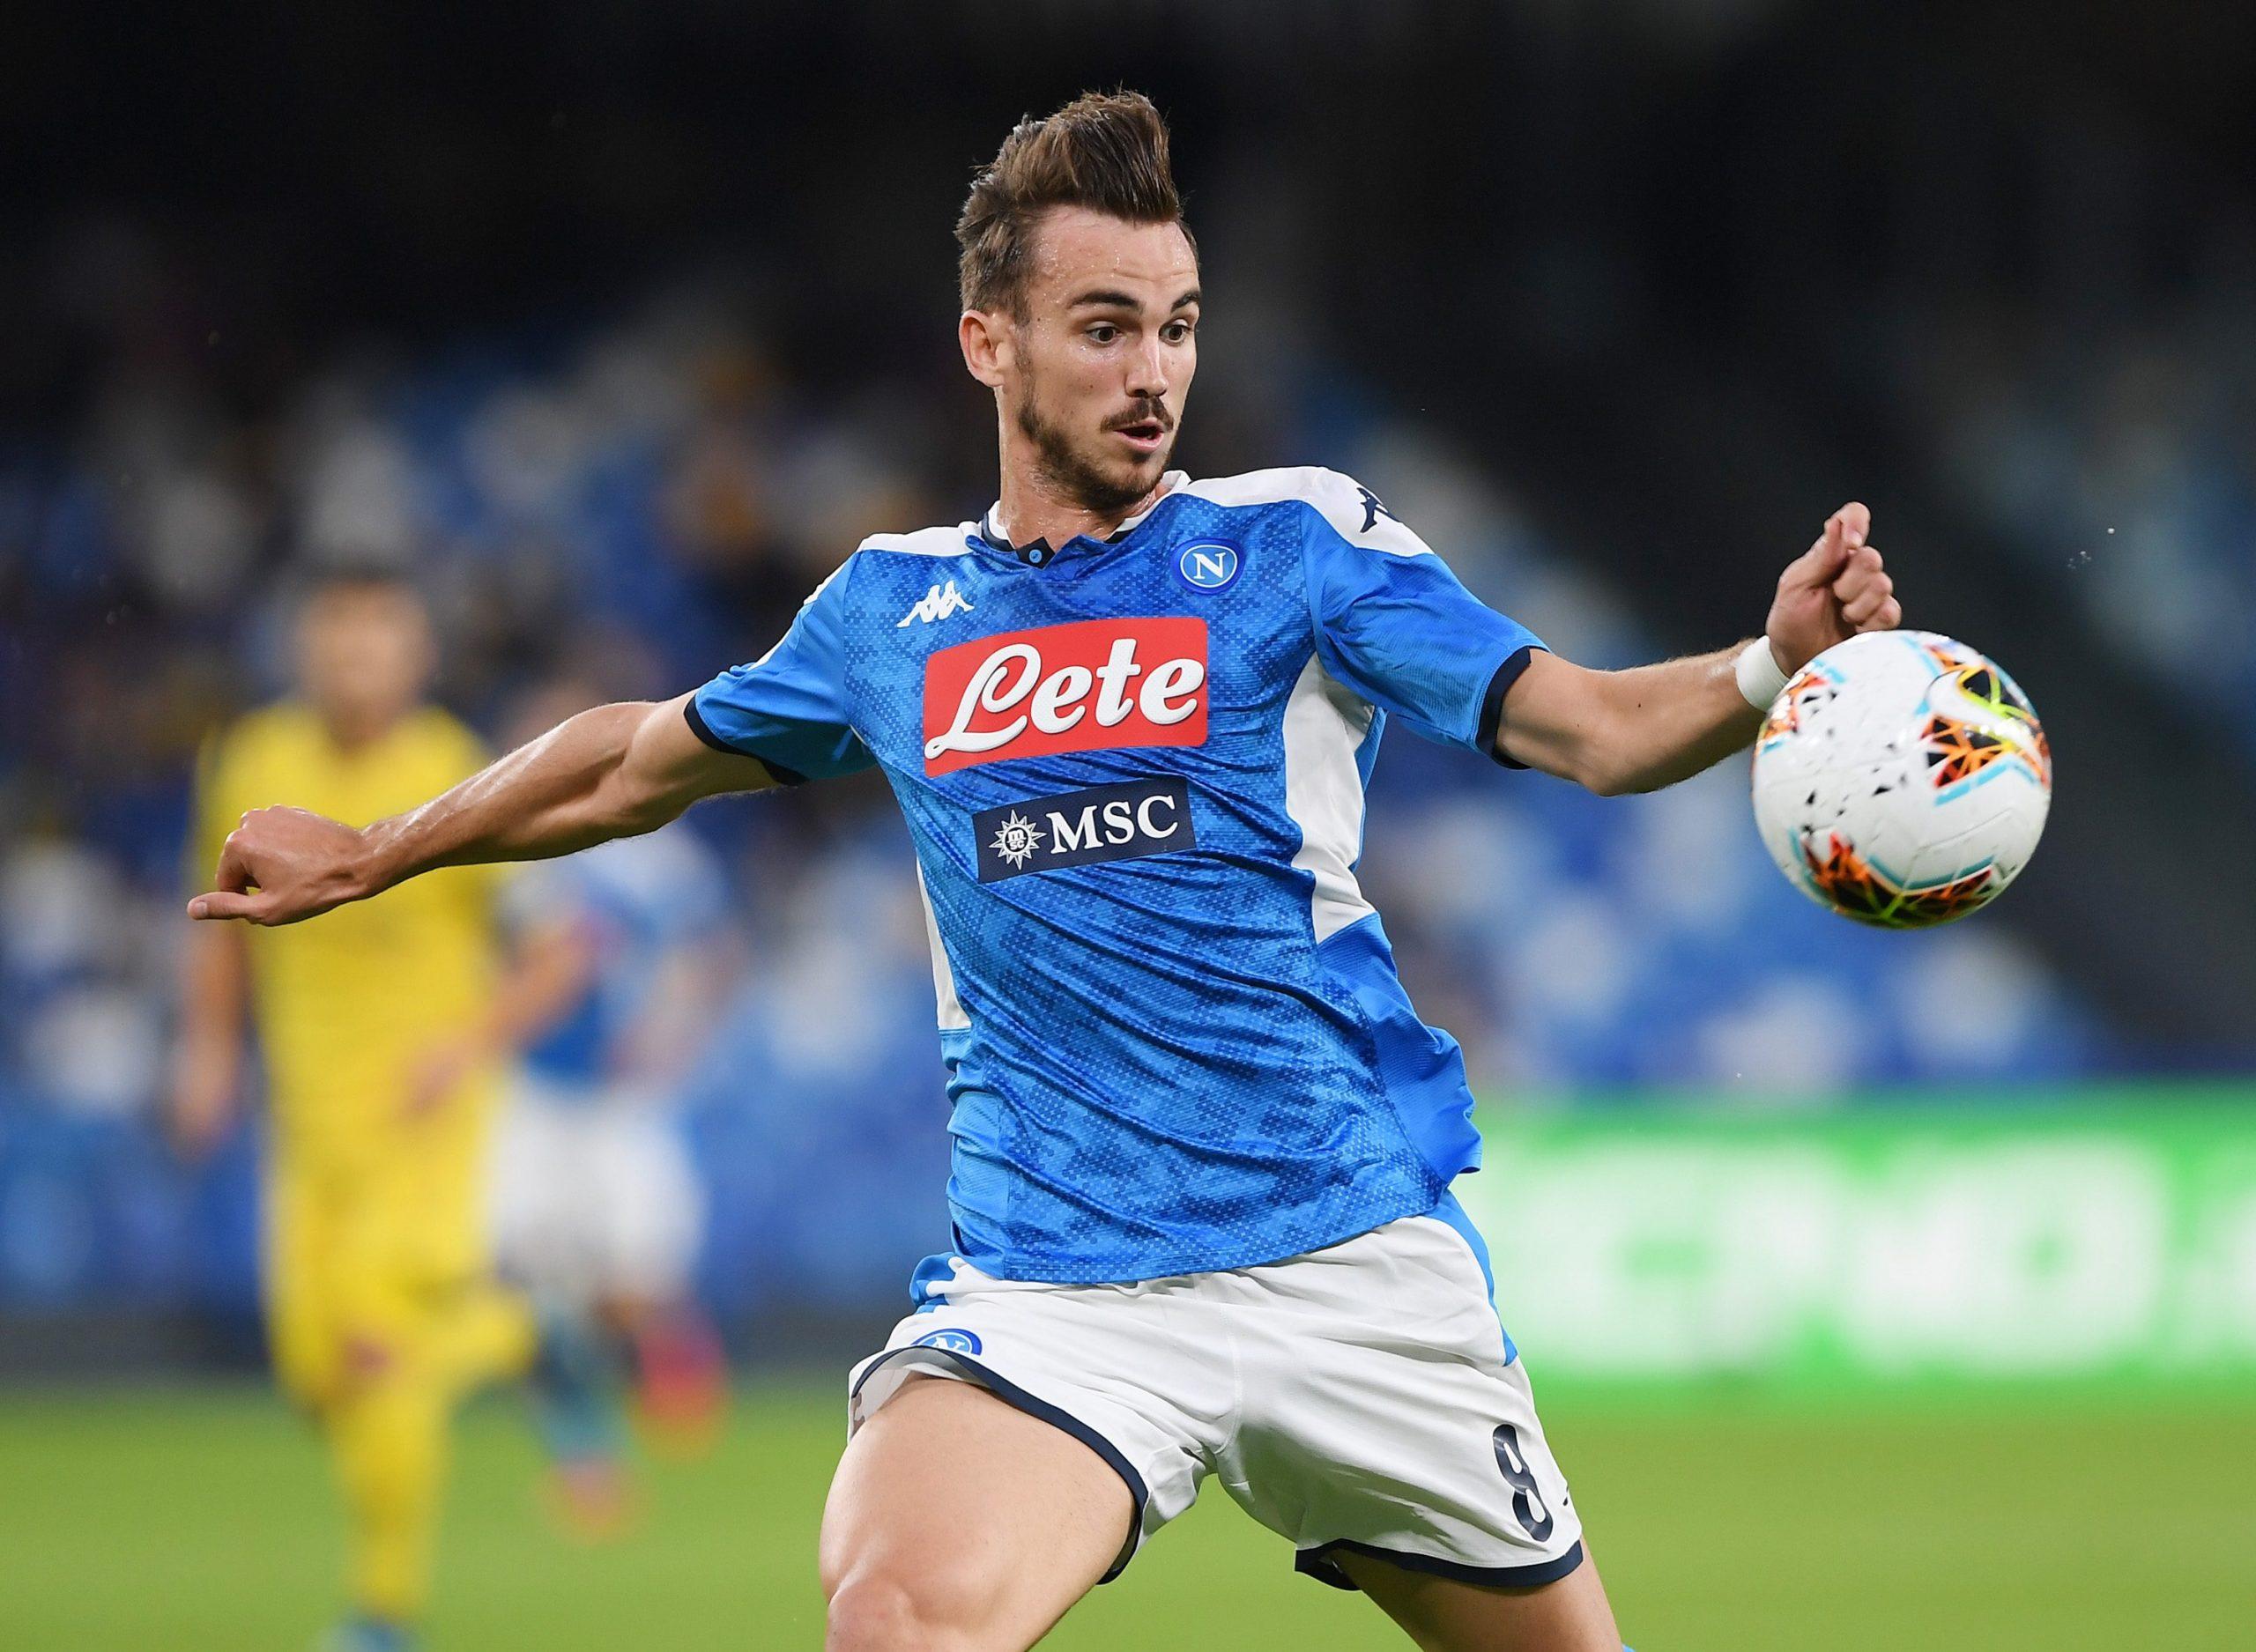 Il Napoli vince 2-1 ma è eliminato dall'Europa League